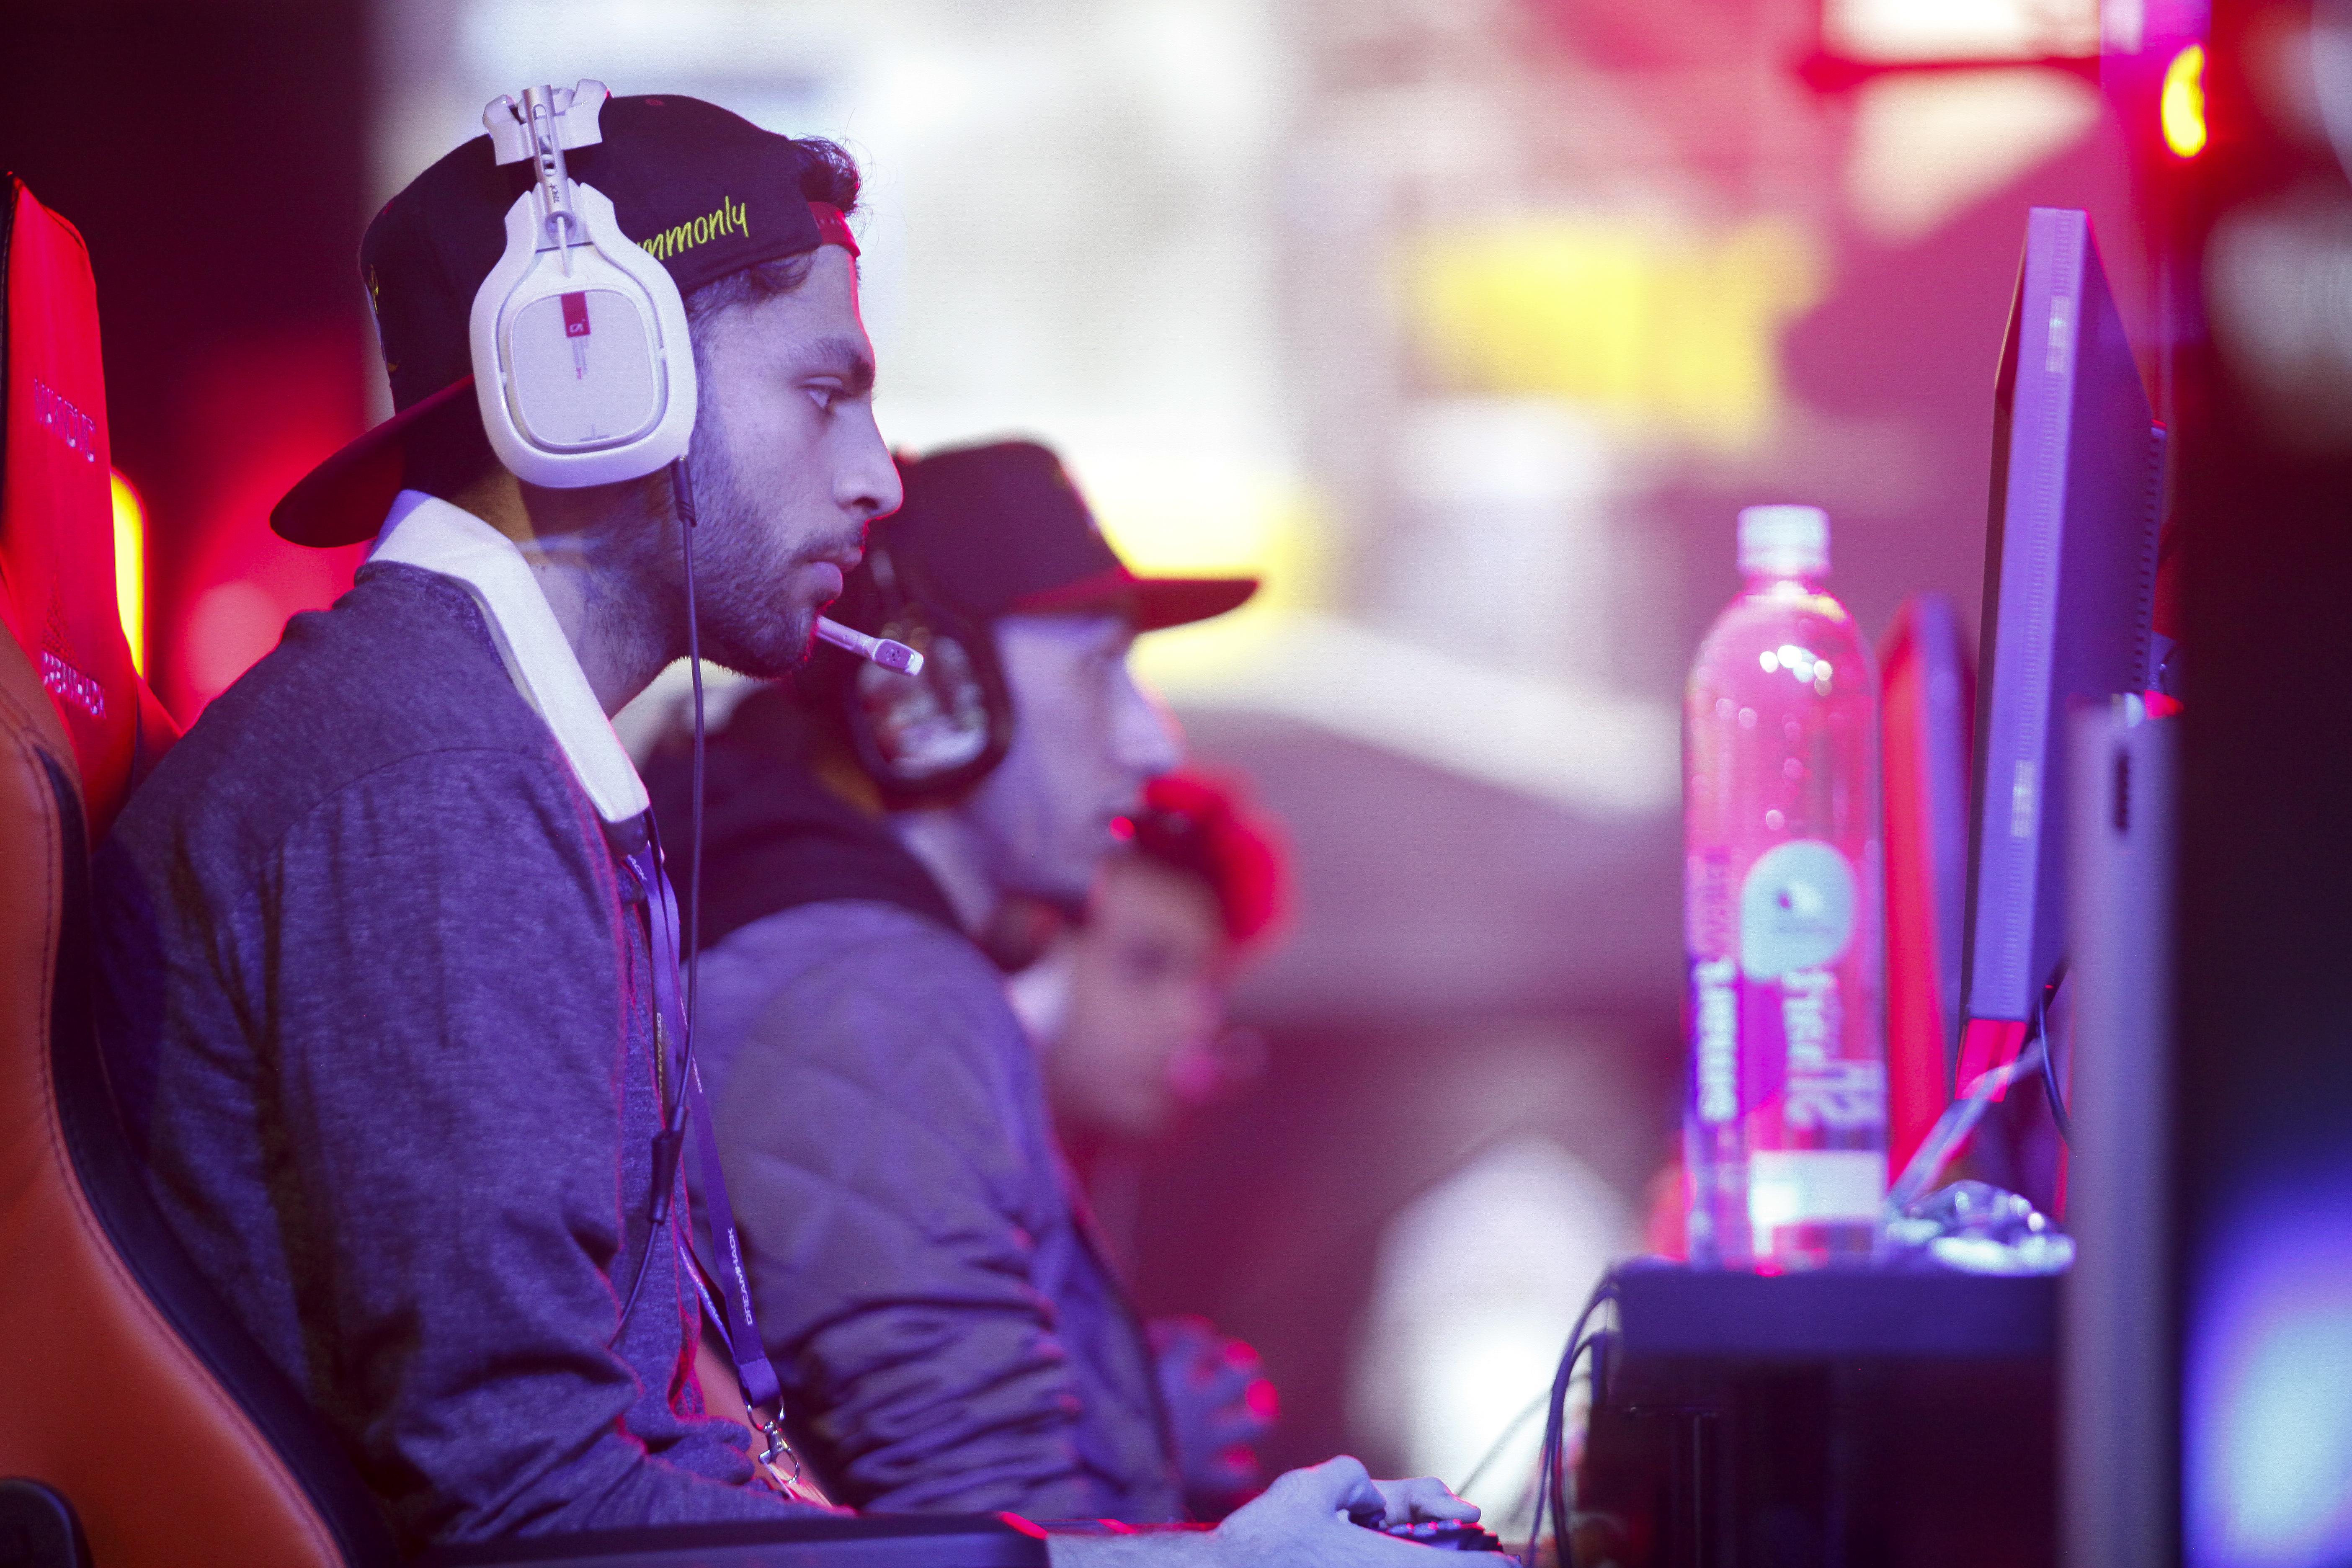 Men in headphones sit and look at gaming screens.